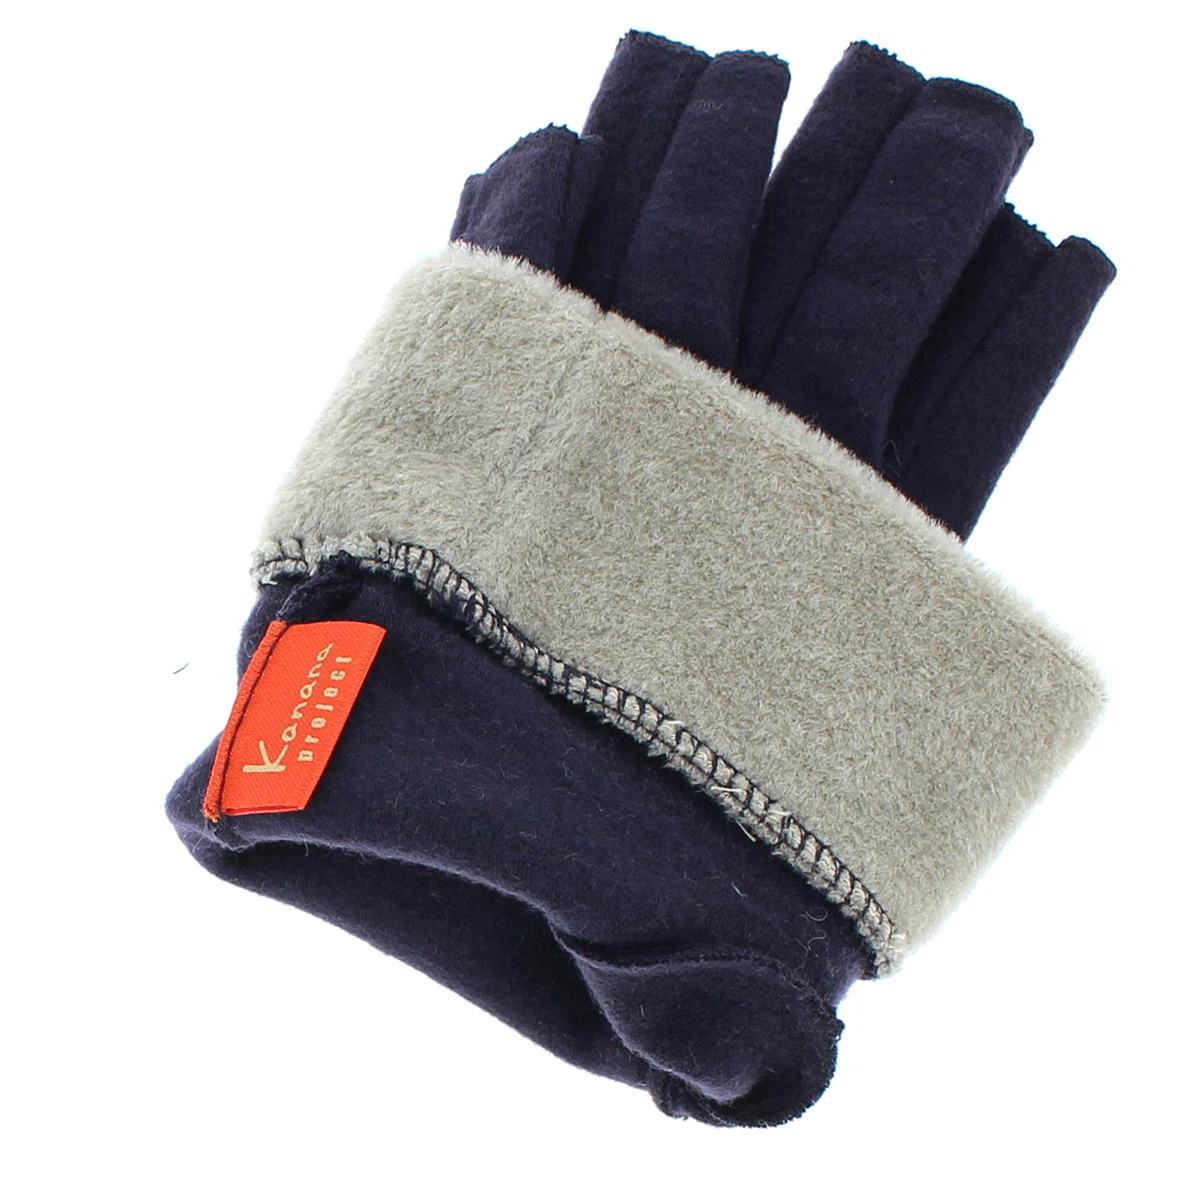 カナナプロジェクト レディース ジャージ手袋 指切りタイプ すべり止め付 柔らかい 秋冬 快適素材 タッチパネル スマホ対応 バイカラーデザイン